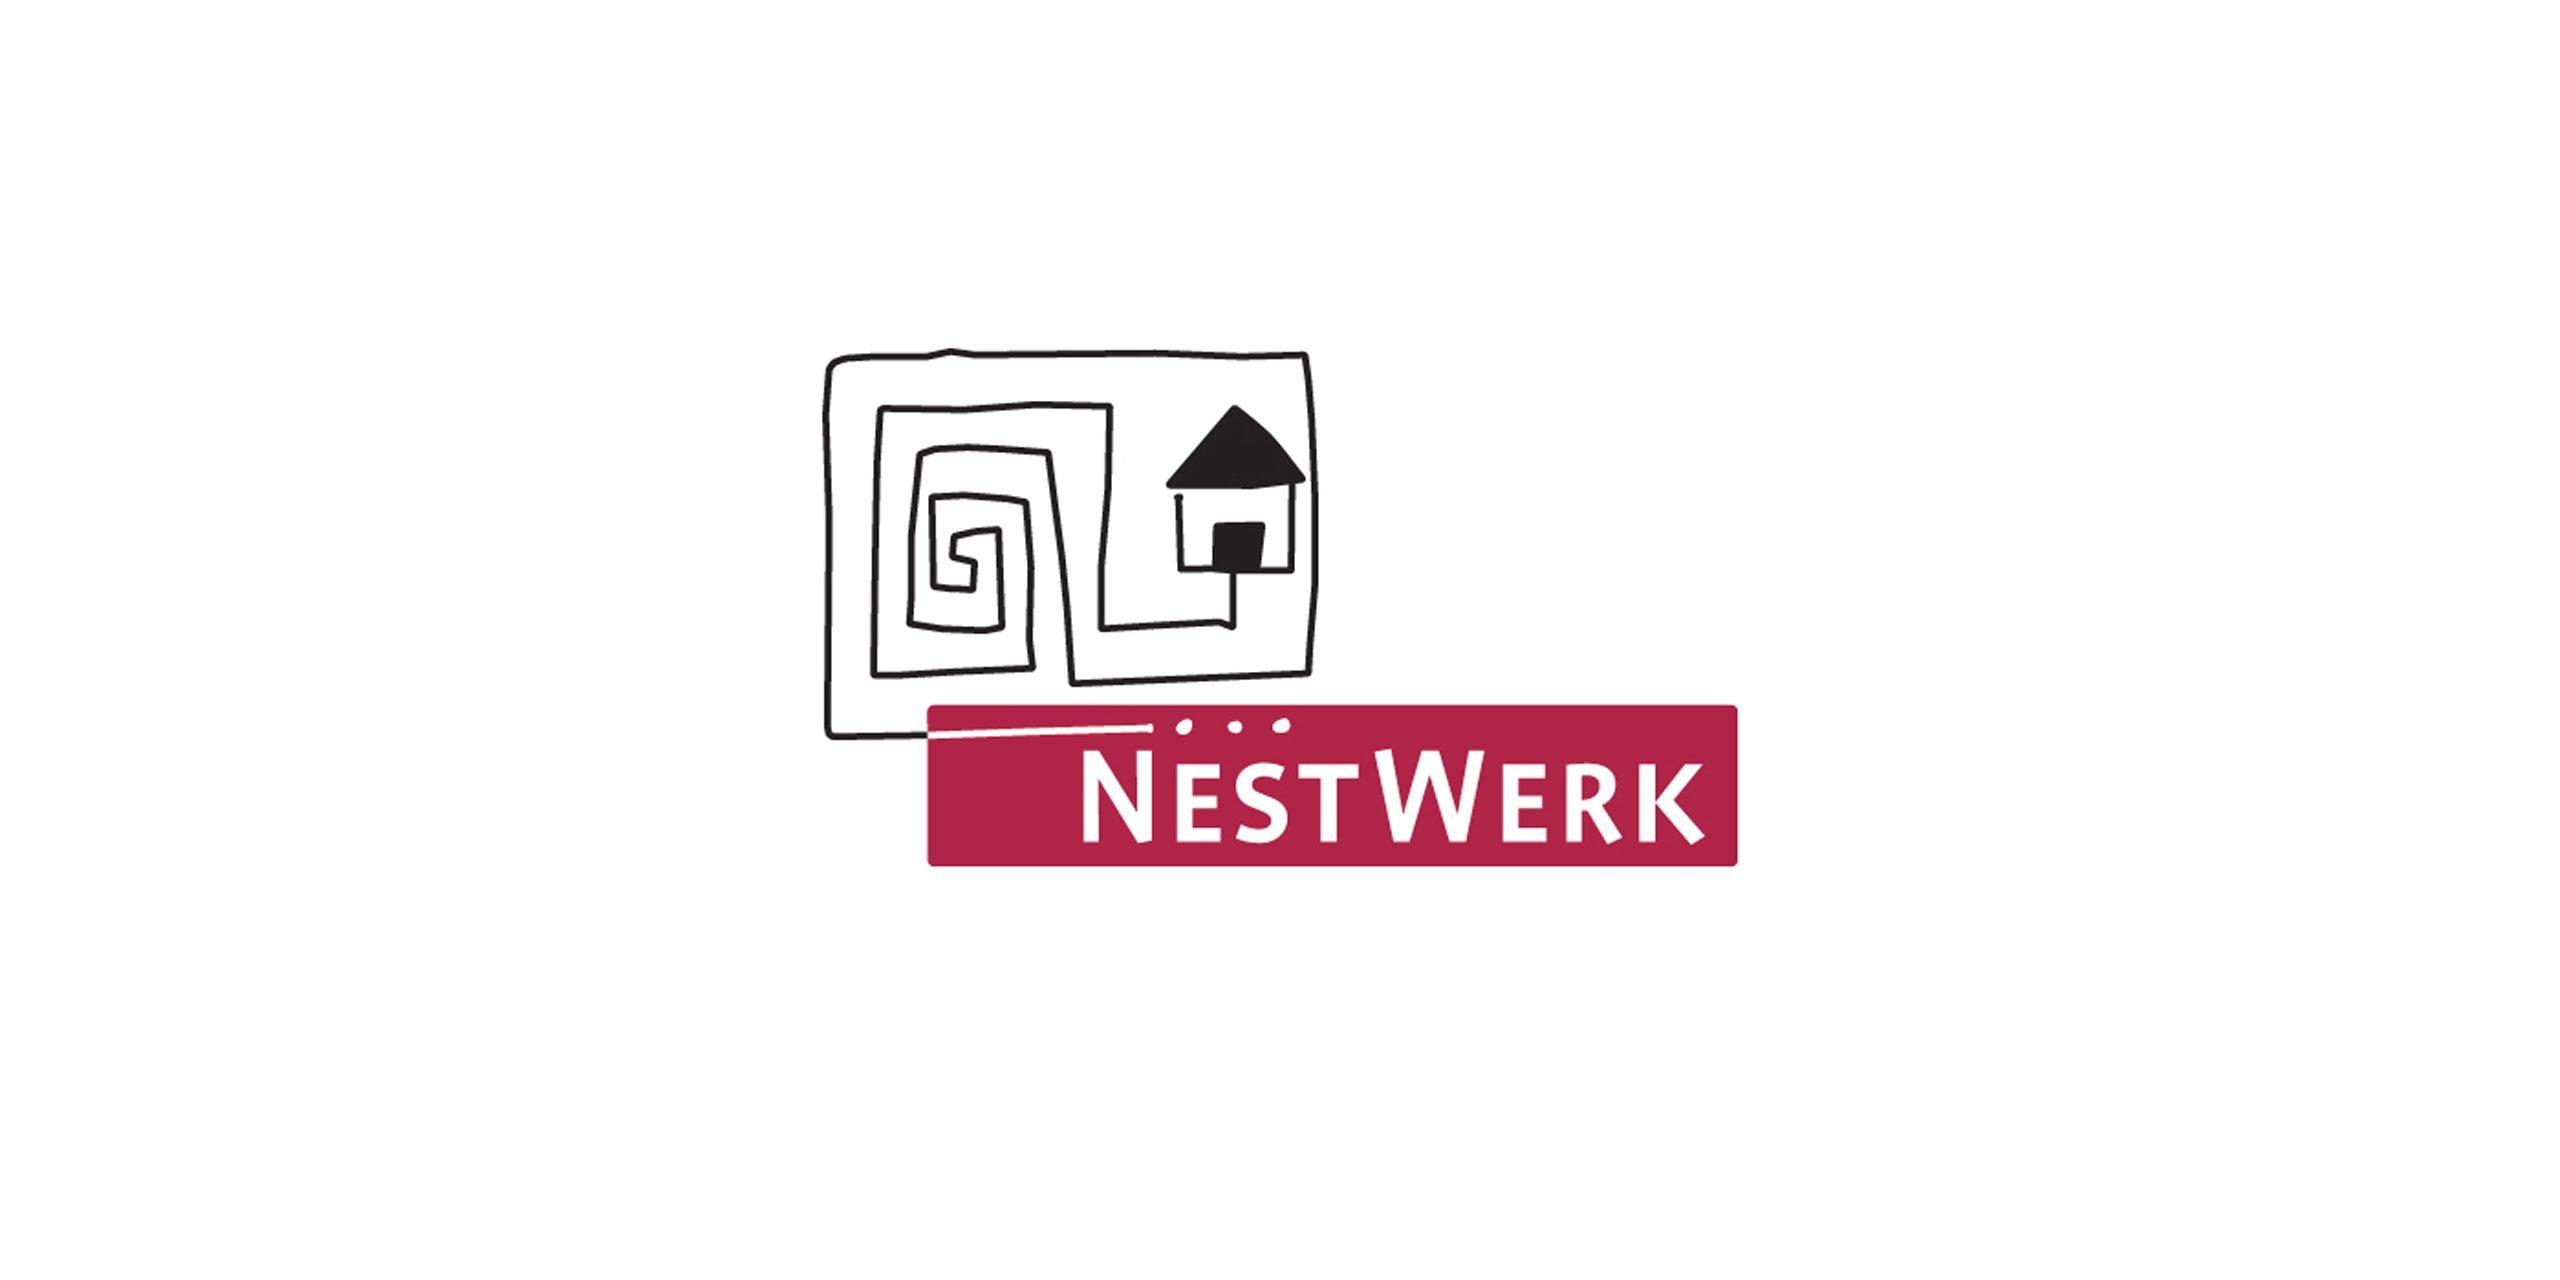 Radiologikum - Eppendorfer-Baum - Nestwerk